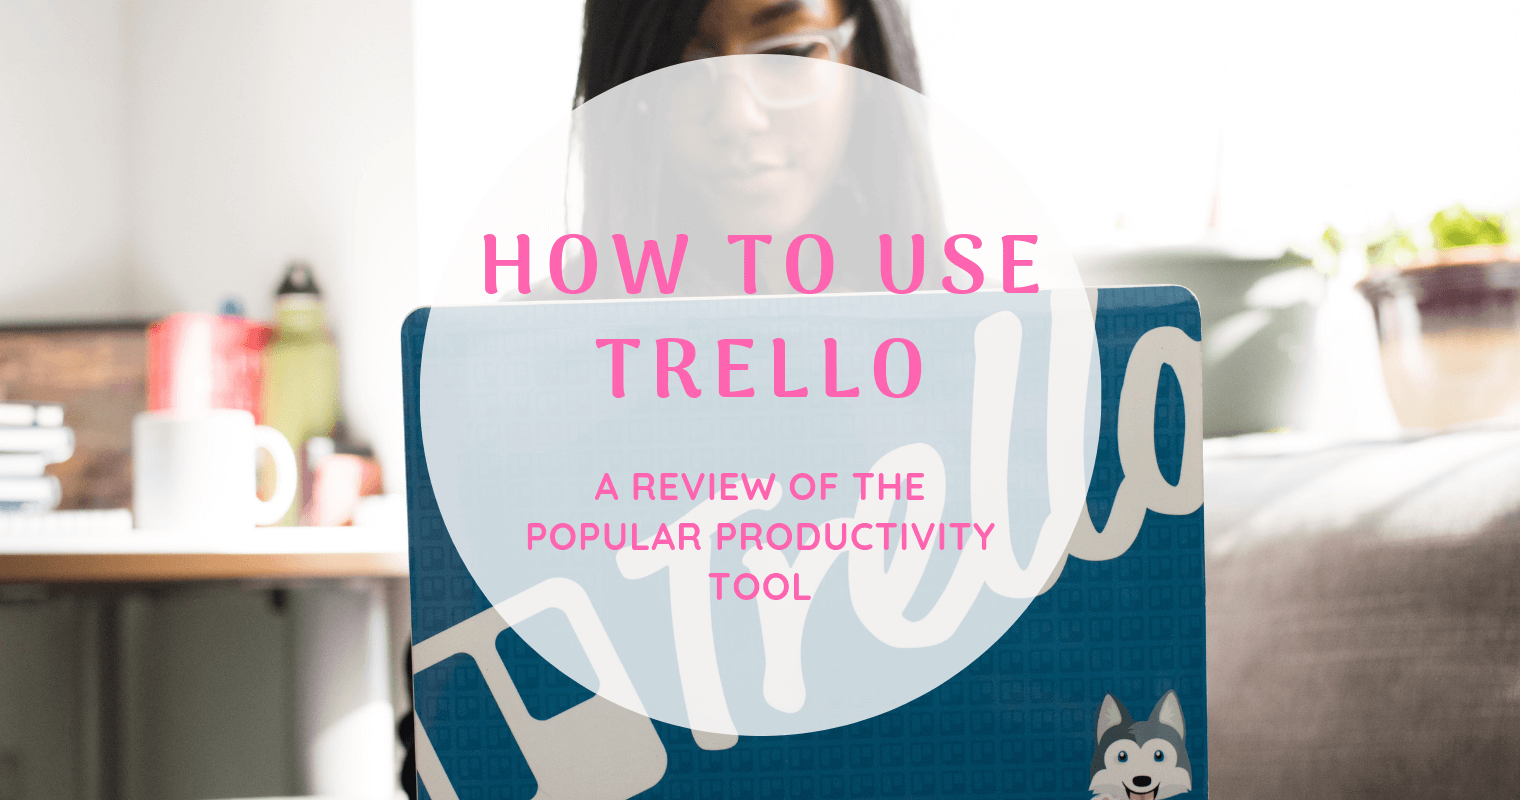 Trello makes it easy to get organized.